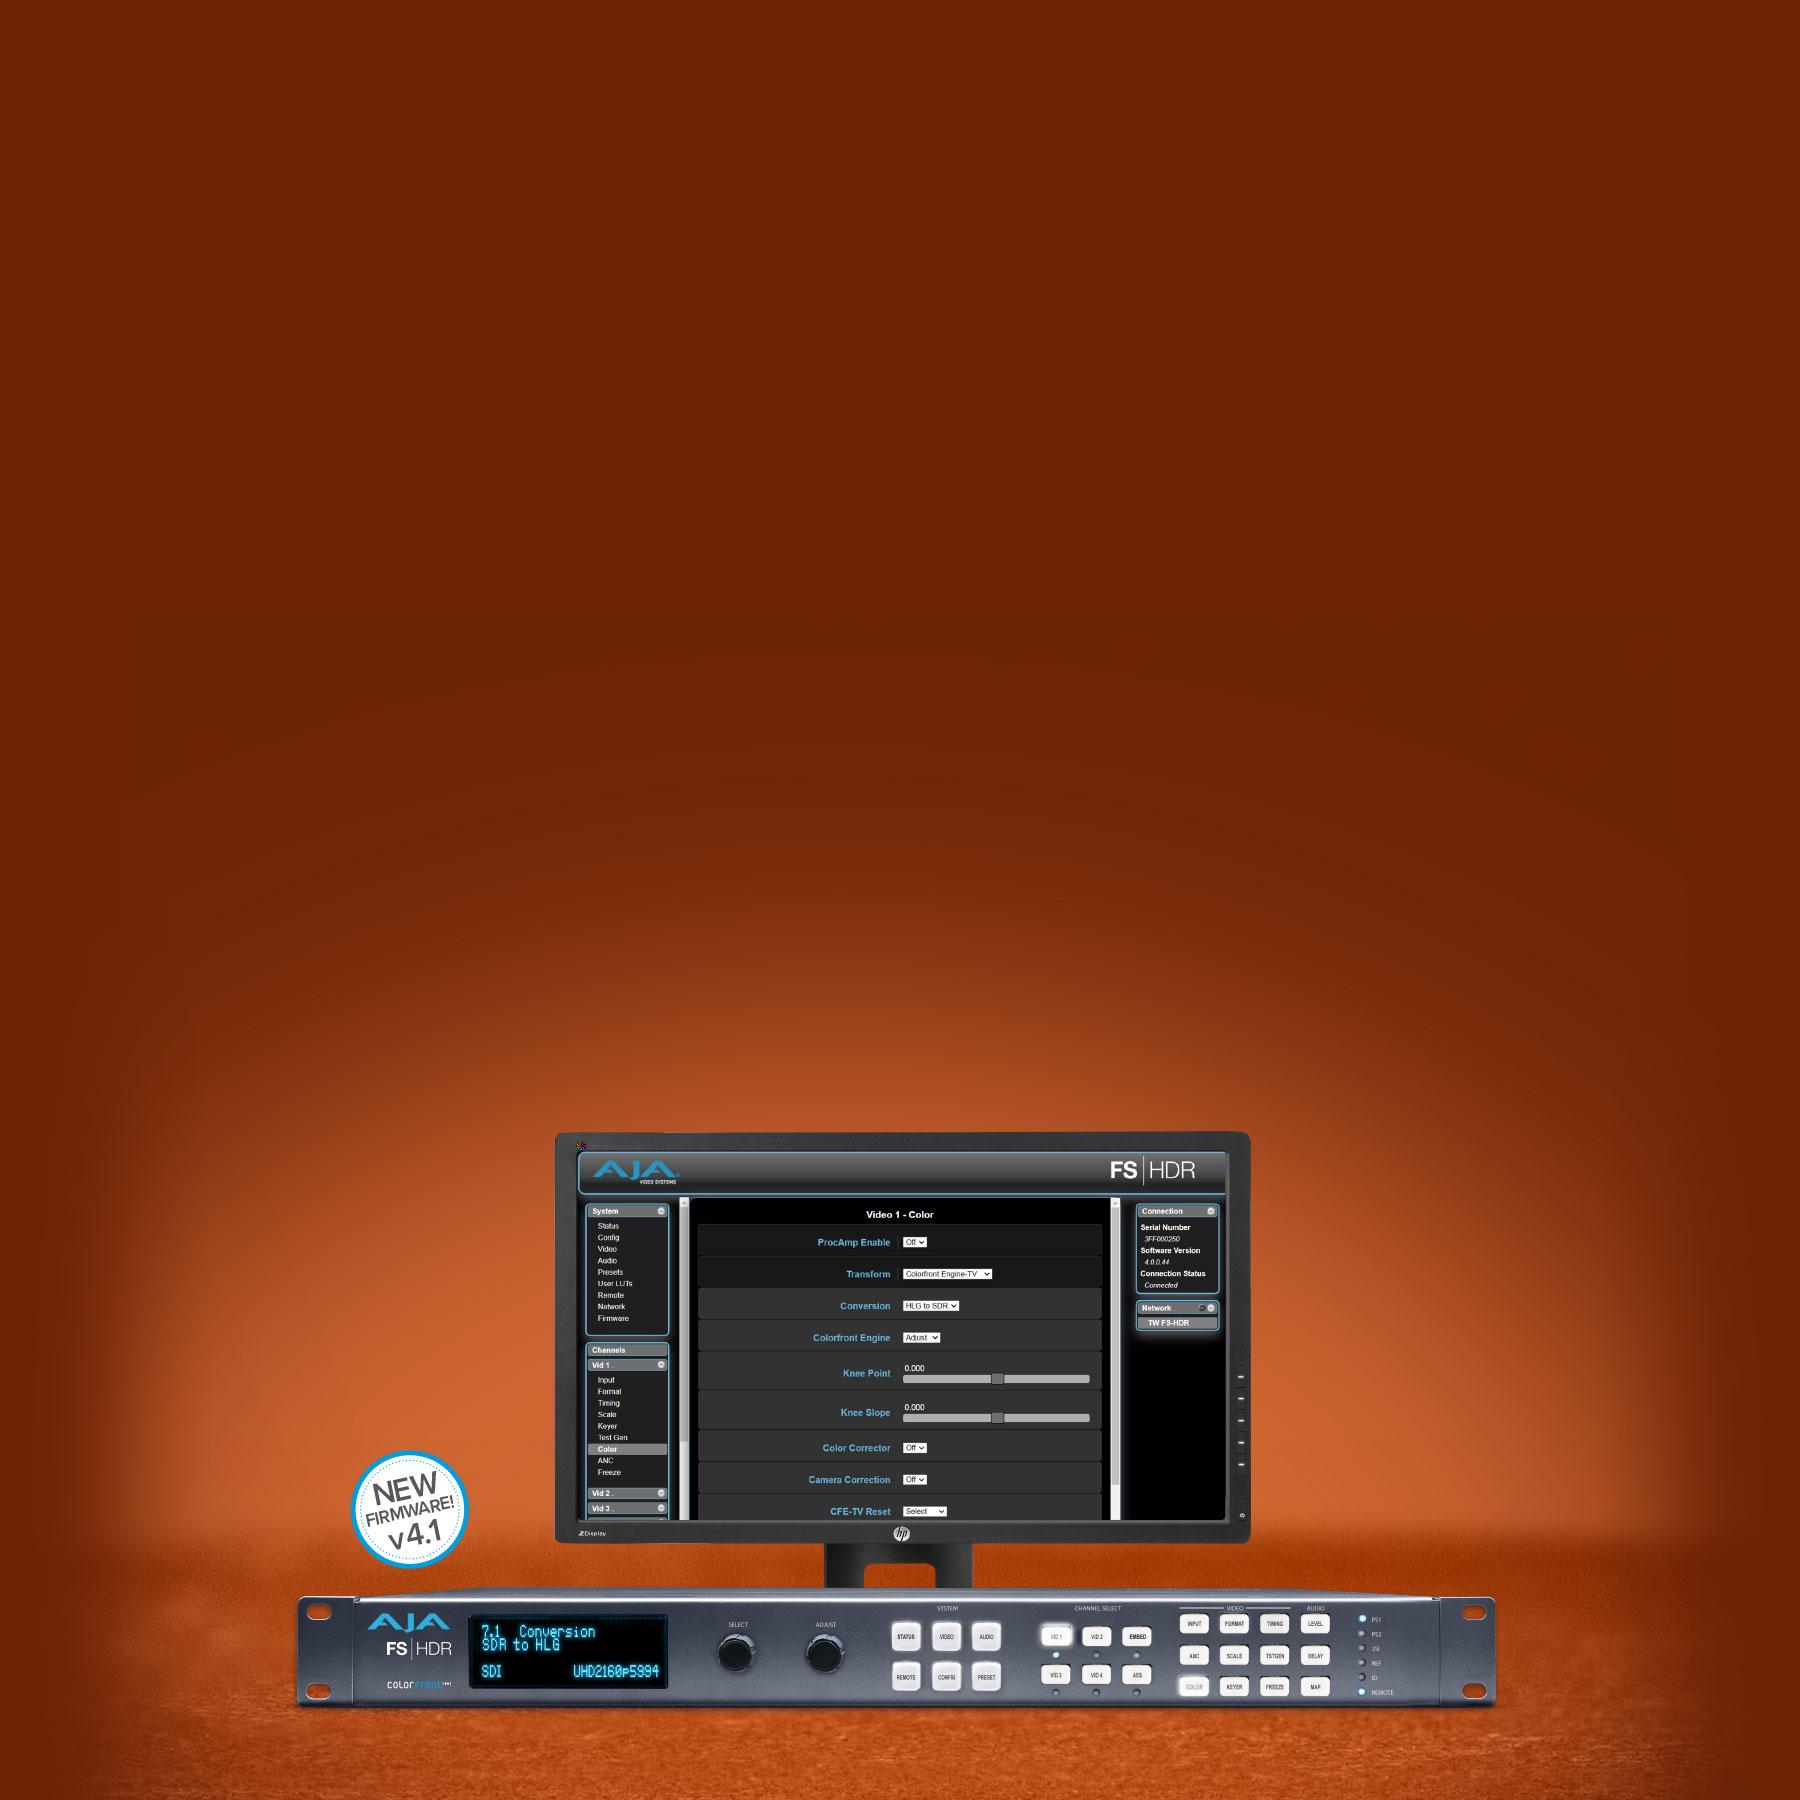 FS-HDR v4.1